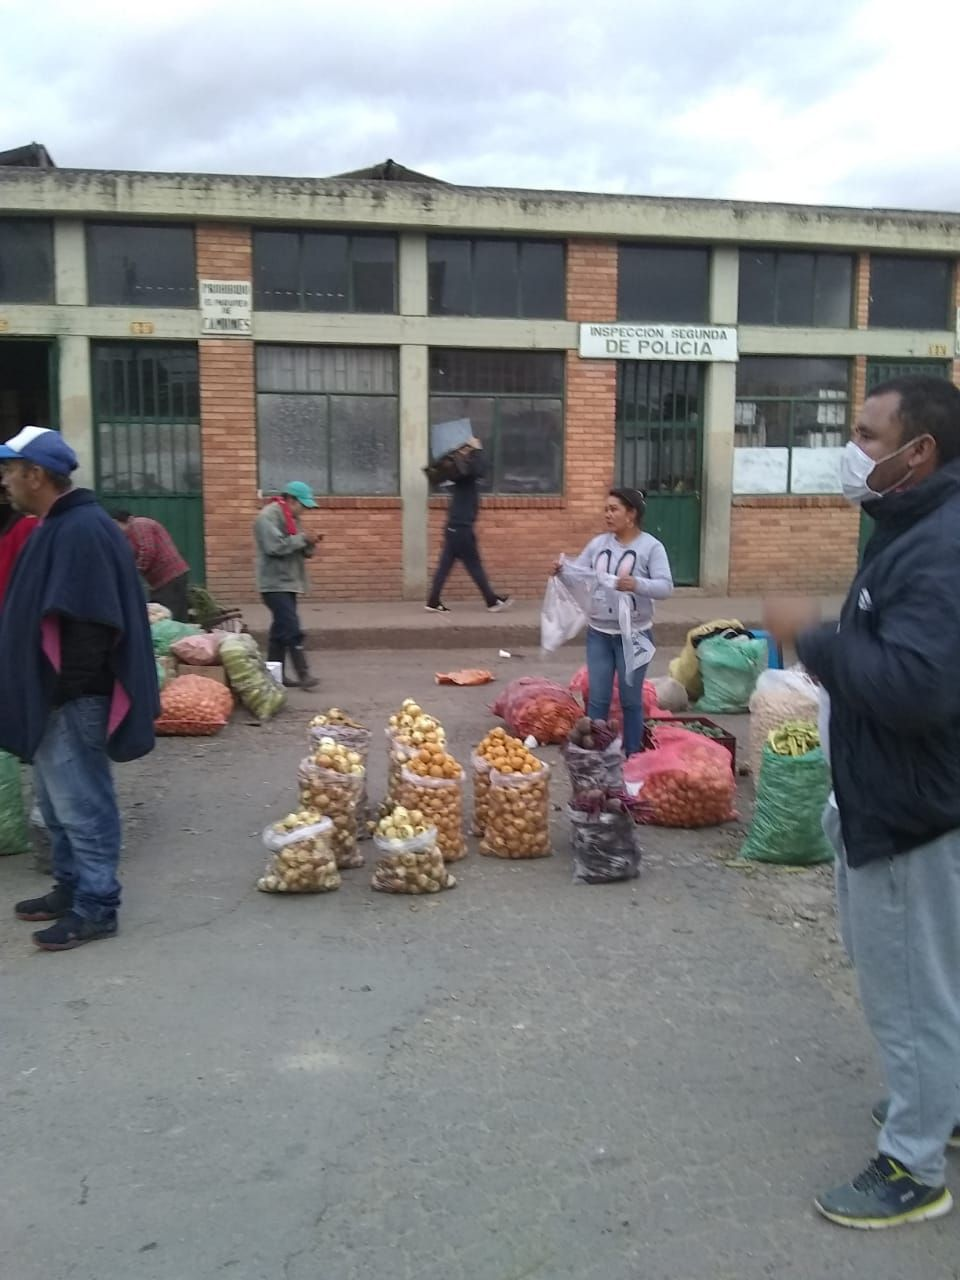 Nuevas medidas de orden público en la plaza de mercado de Sogamoso 3